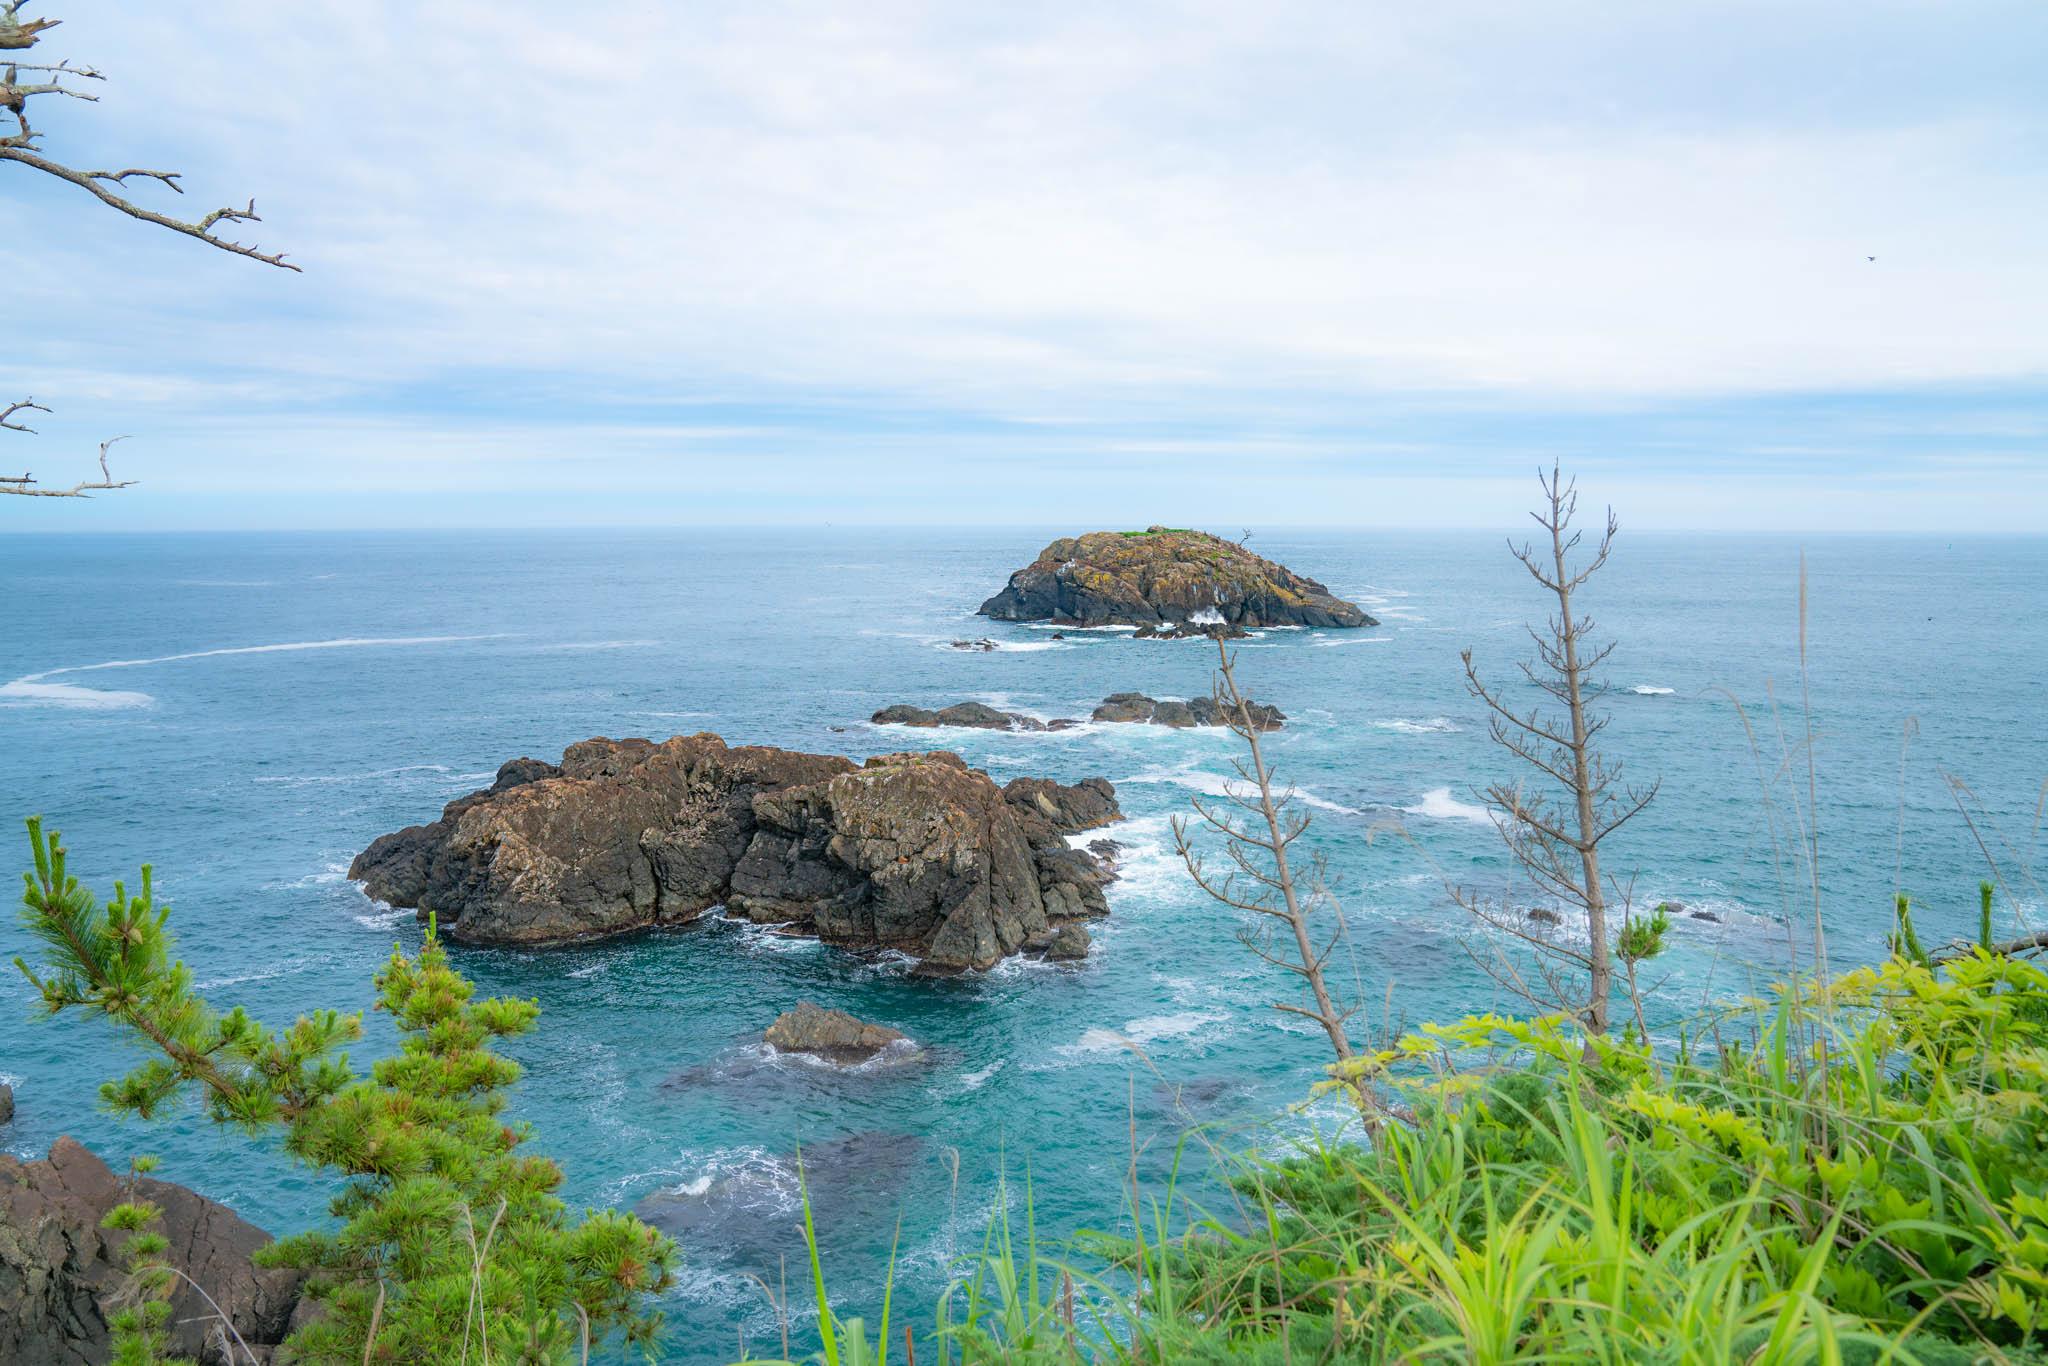 気仙沼 / Day2 / 国立公園『大島』を堪能 / 十八鳴浜と龍舞崎